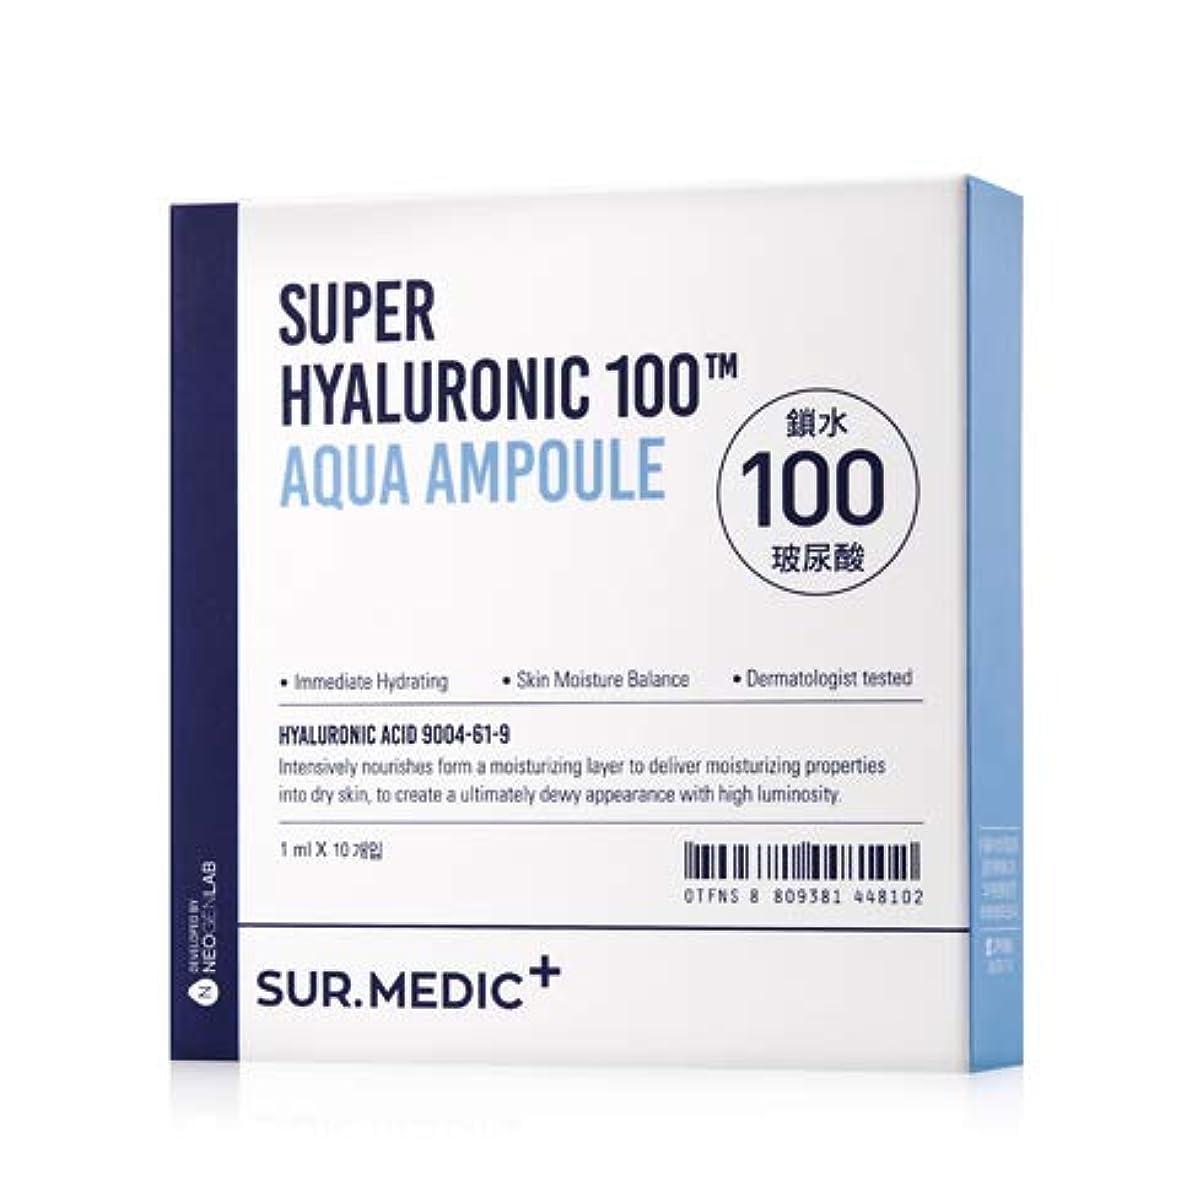 ジャケット耐えられないカーペットSUR.MEDIC スーパーヒアルロン酸100アクアアンプル1mlx10EA / Super Hyaluronic 100 Aqua Ampoule